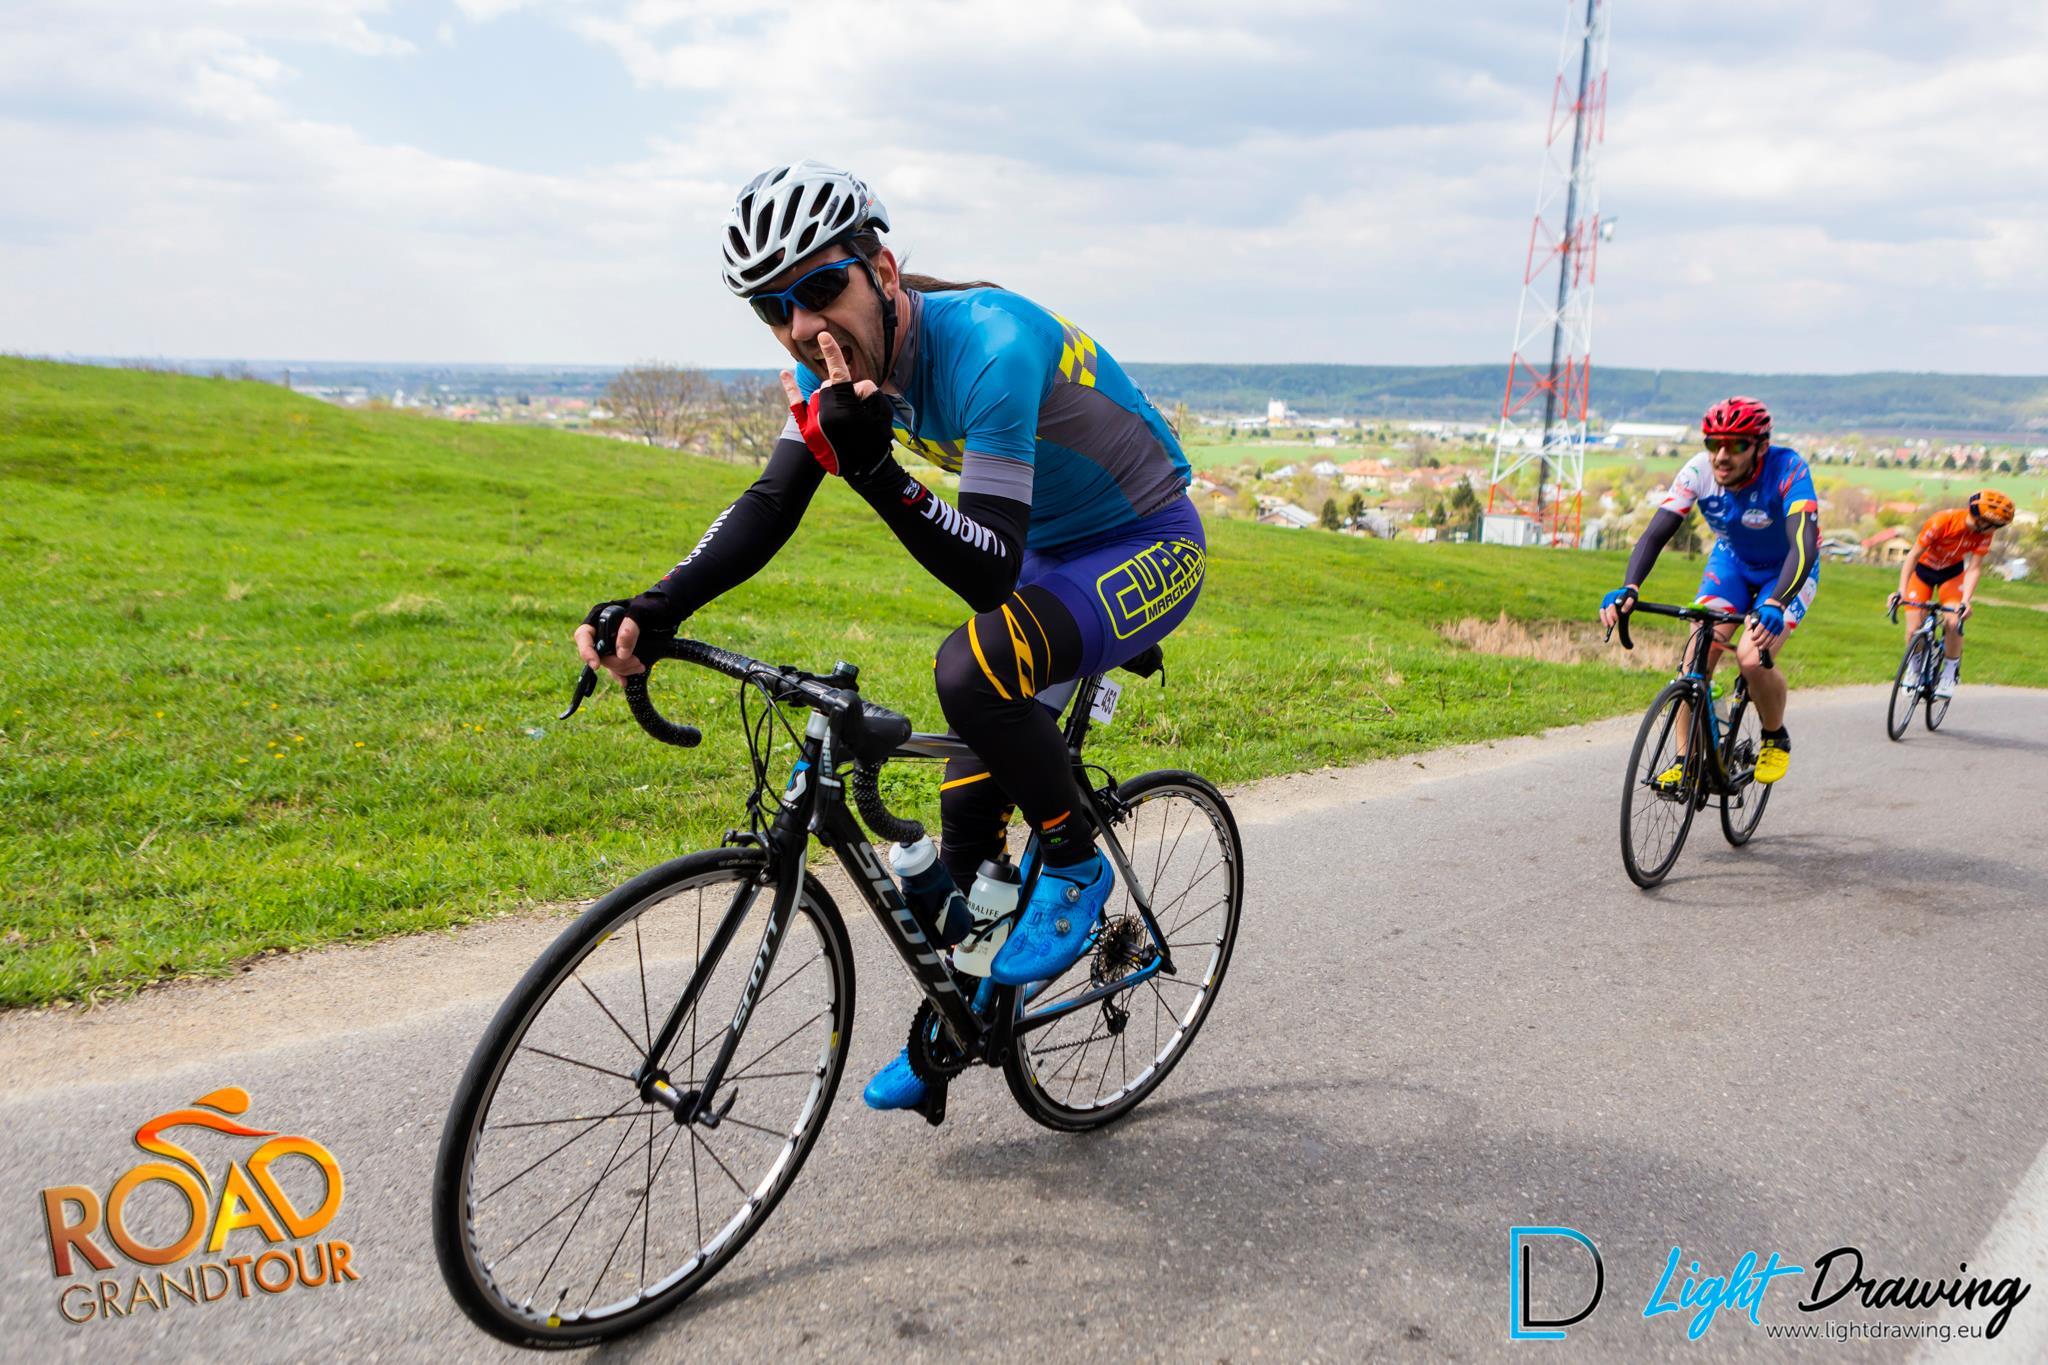 Bogdan Popescu - catarare Seciu - Dumul Vinului 2019 - Road Grand Tour